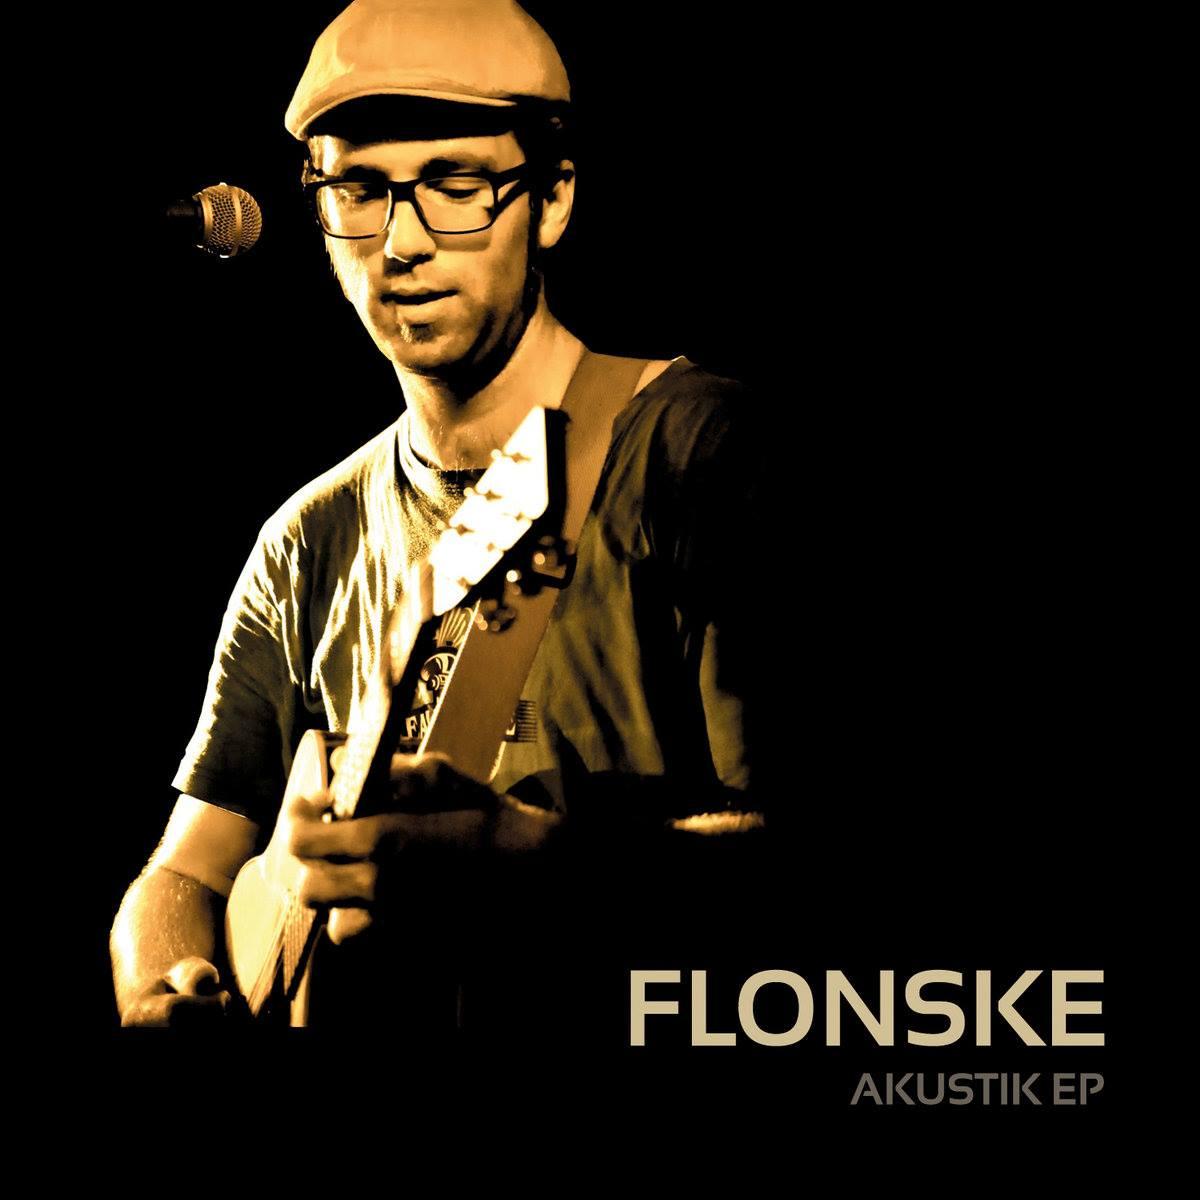 """Der Singer/Songwriter """"Flonske"""" hat einen freshen Mix aus Soul & HipHop dabei!"""